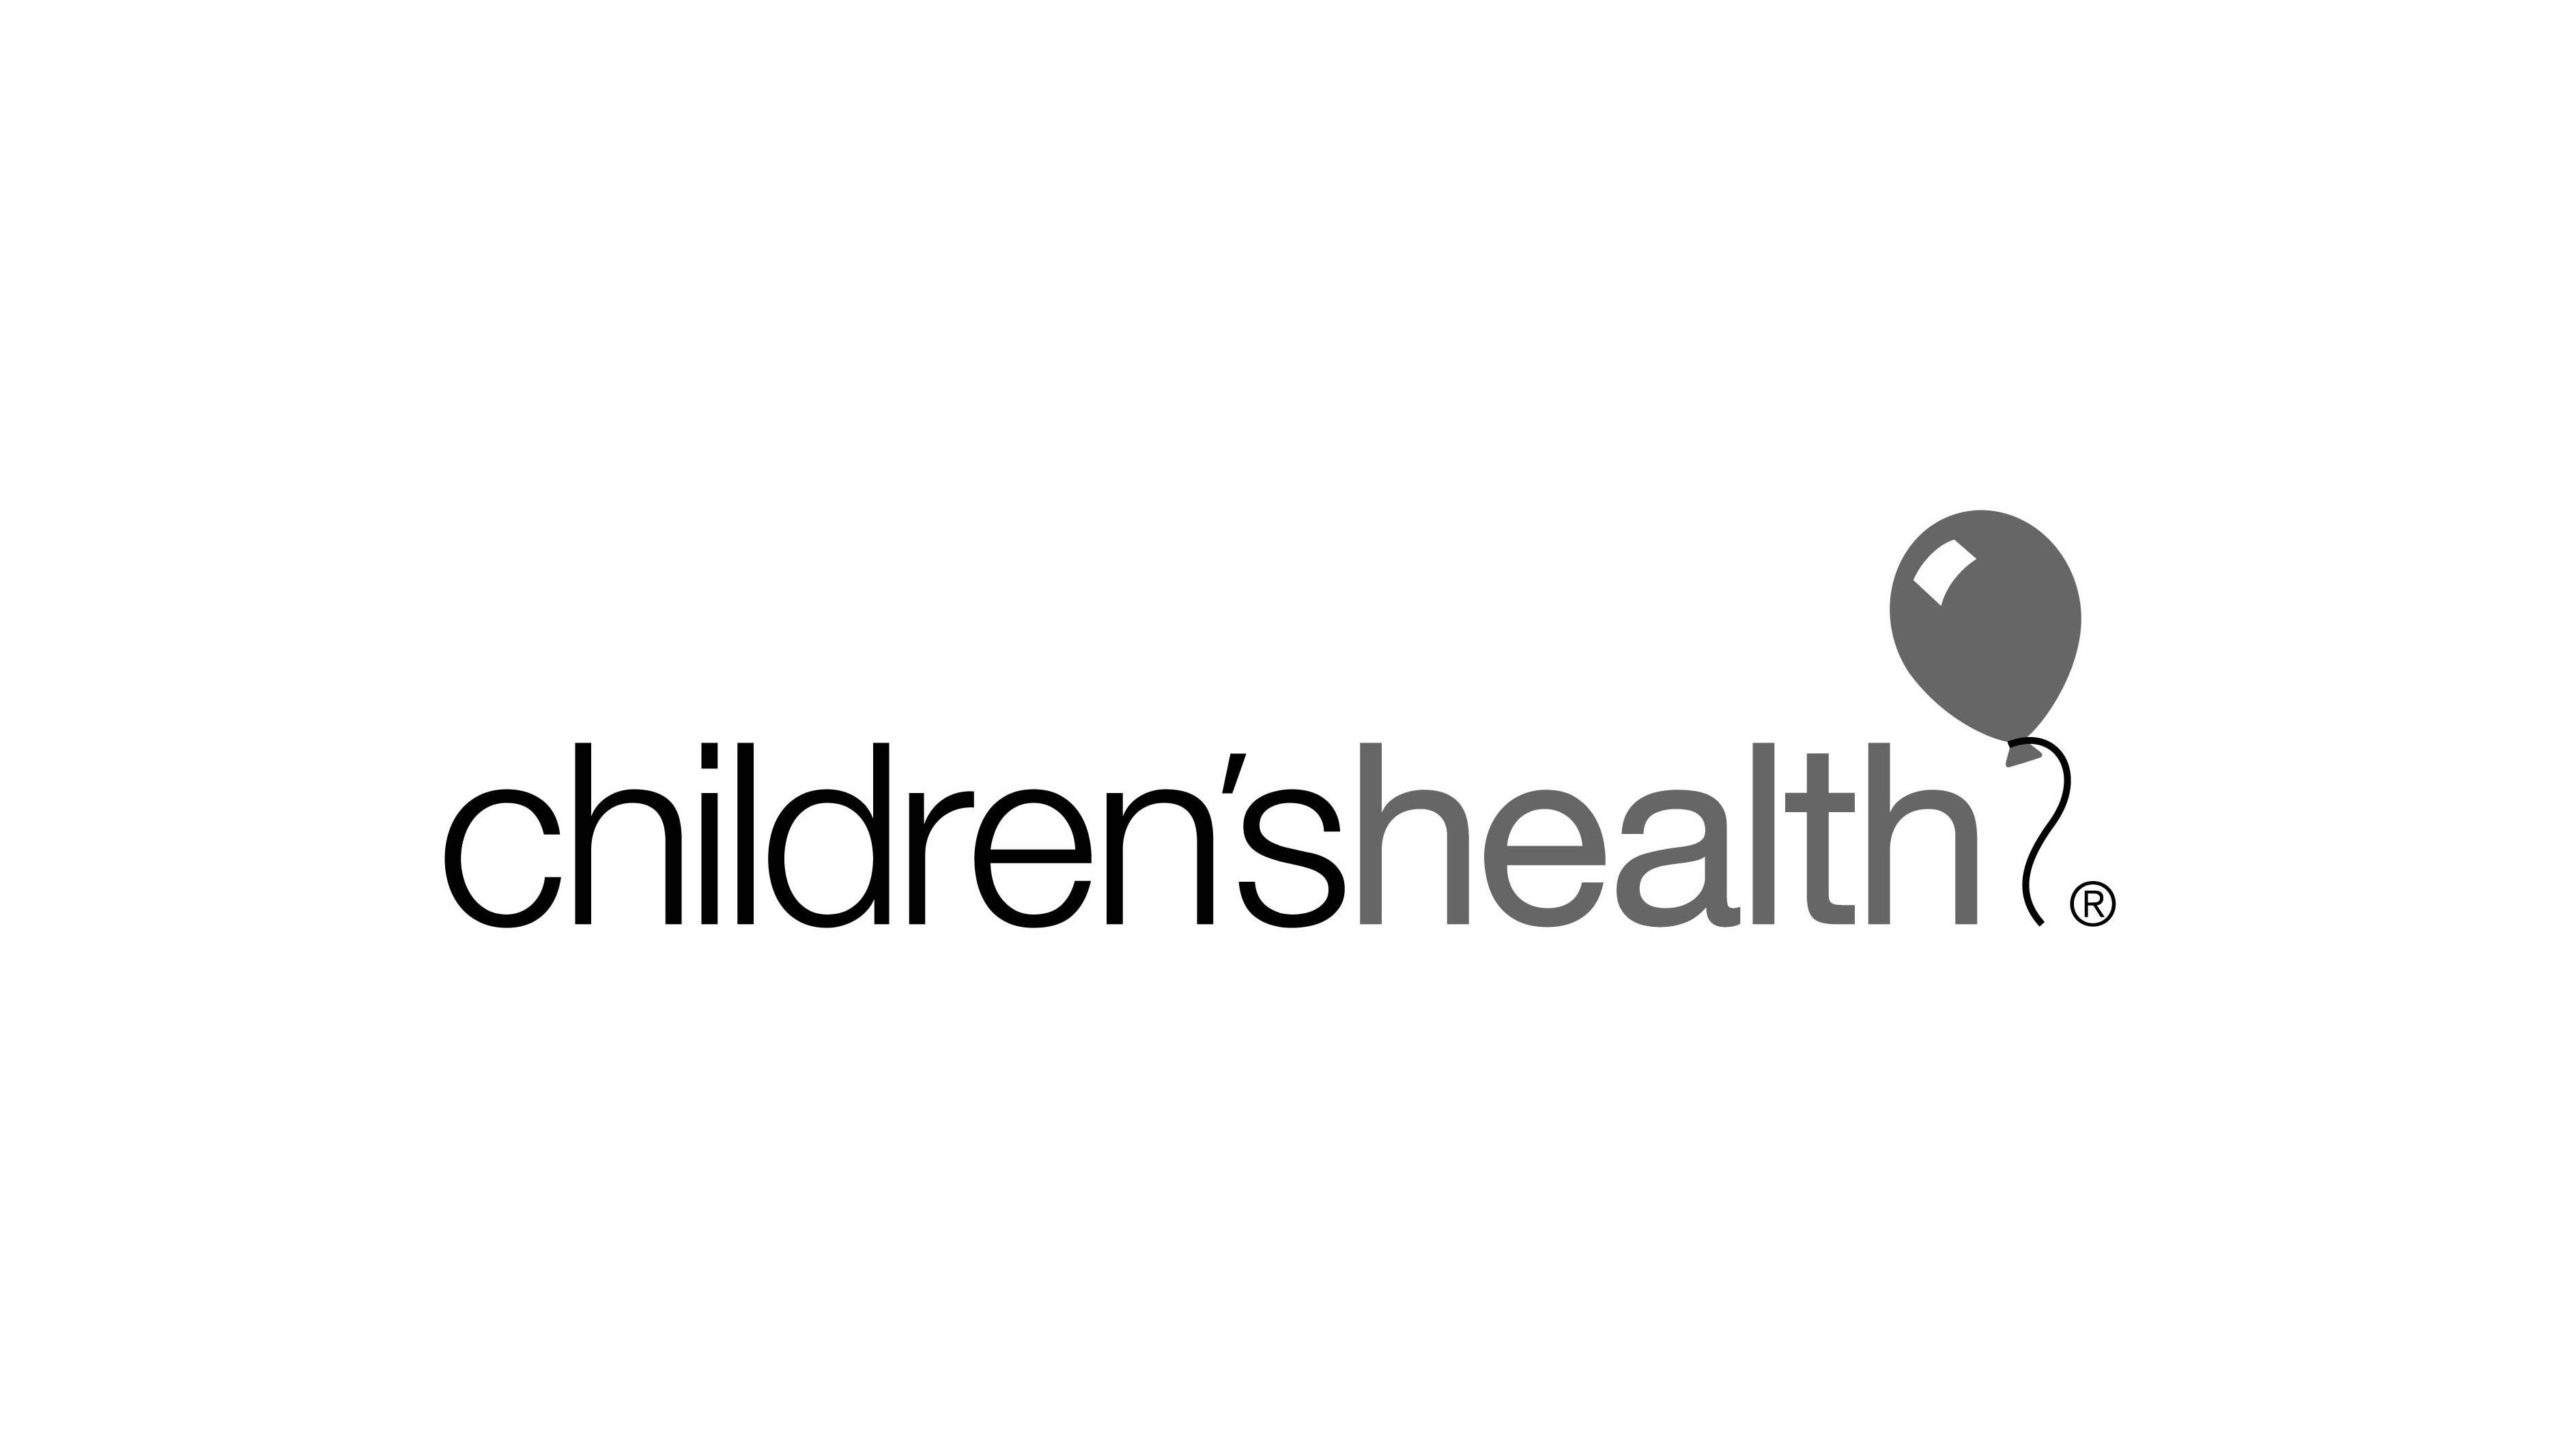 Children's health logo with balloon